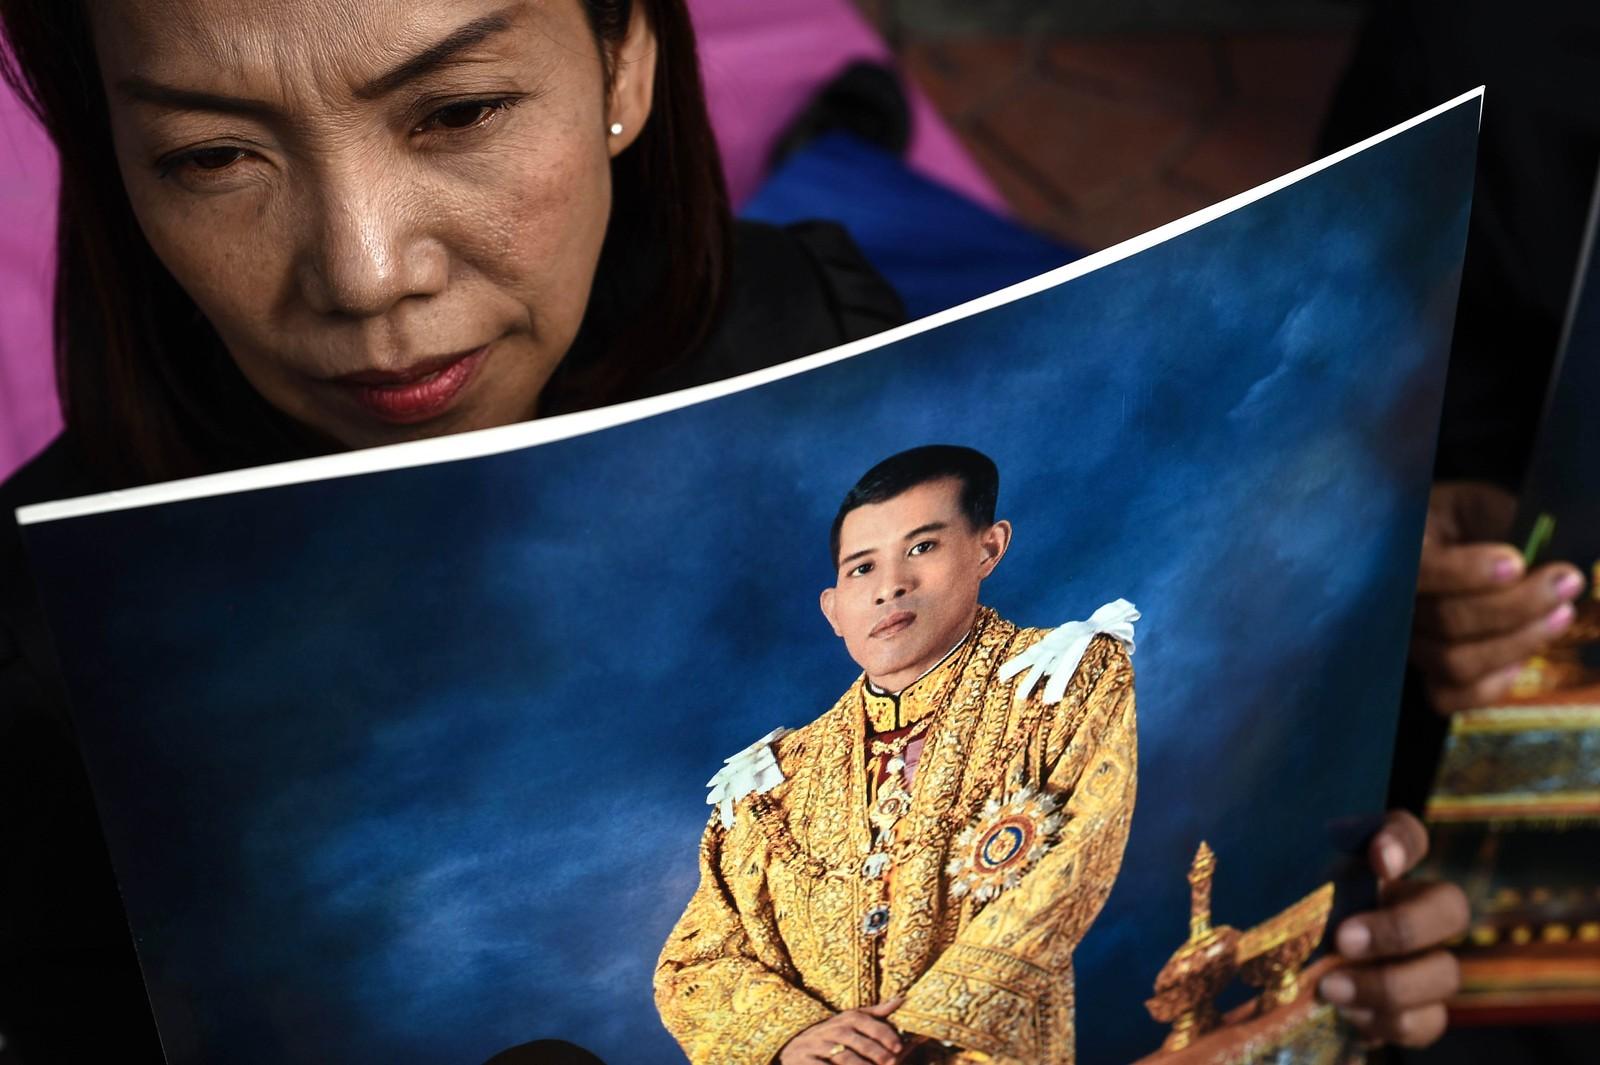 En kvinne holder et bilde av Maha Vajiralongkorn som ble innsatt som konge 1. desember.